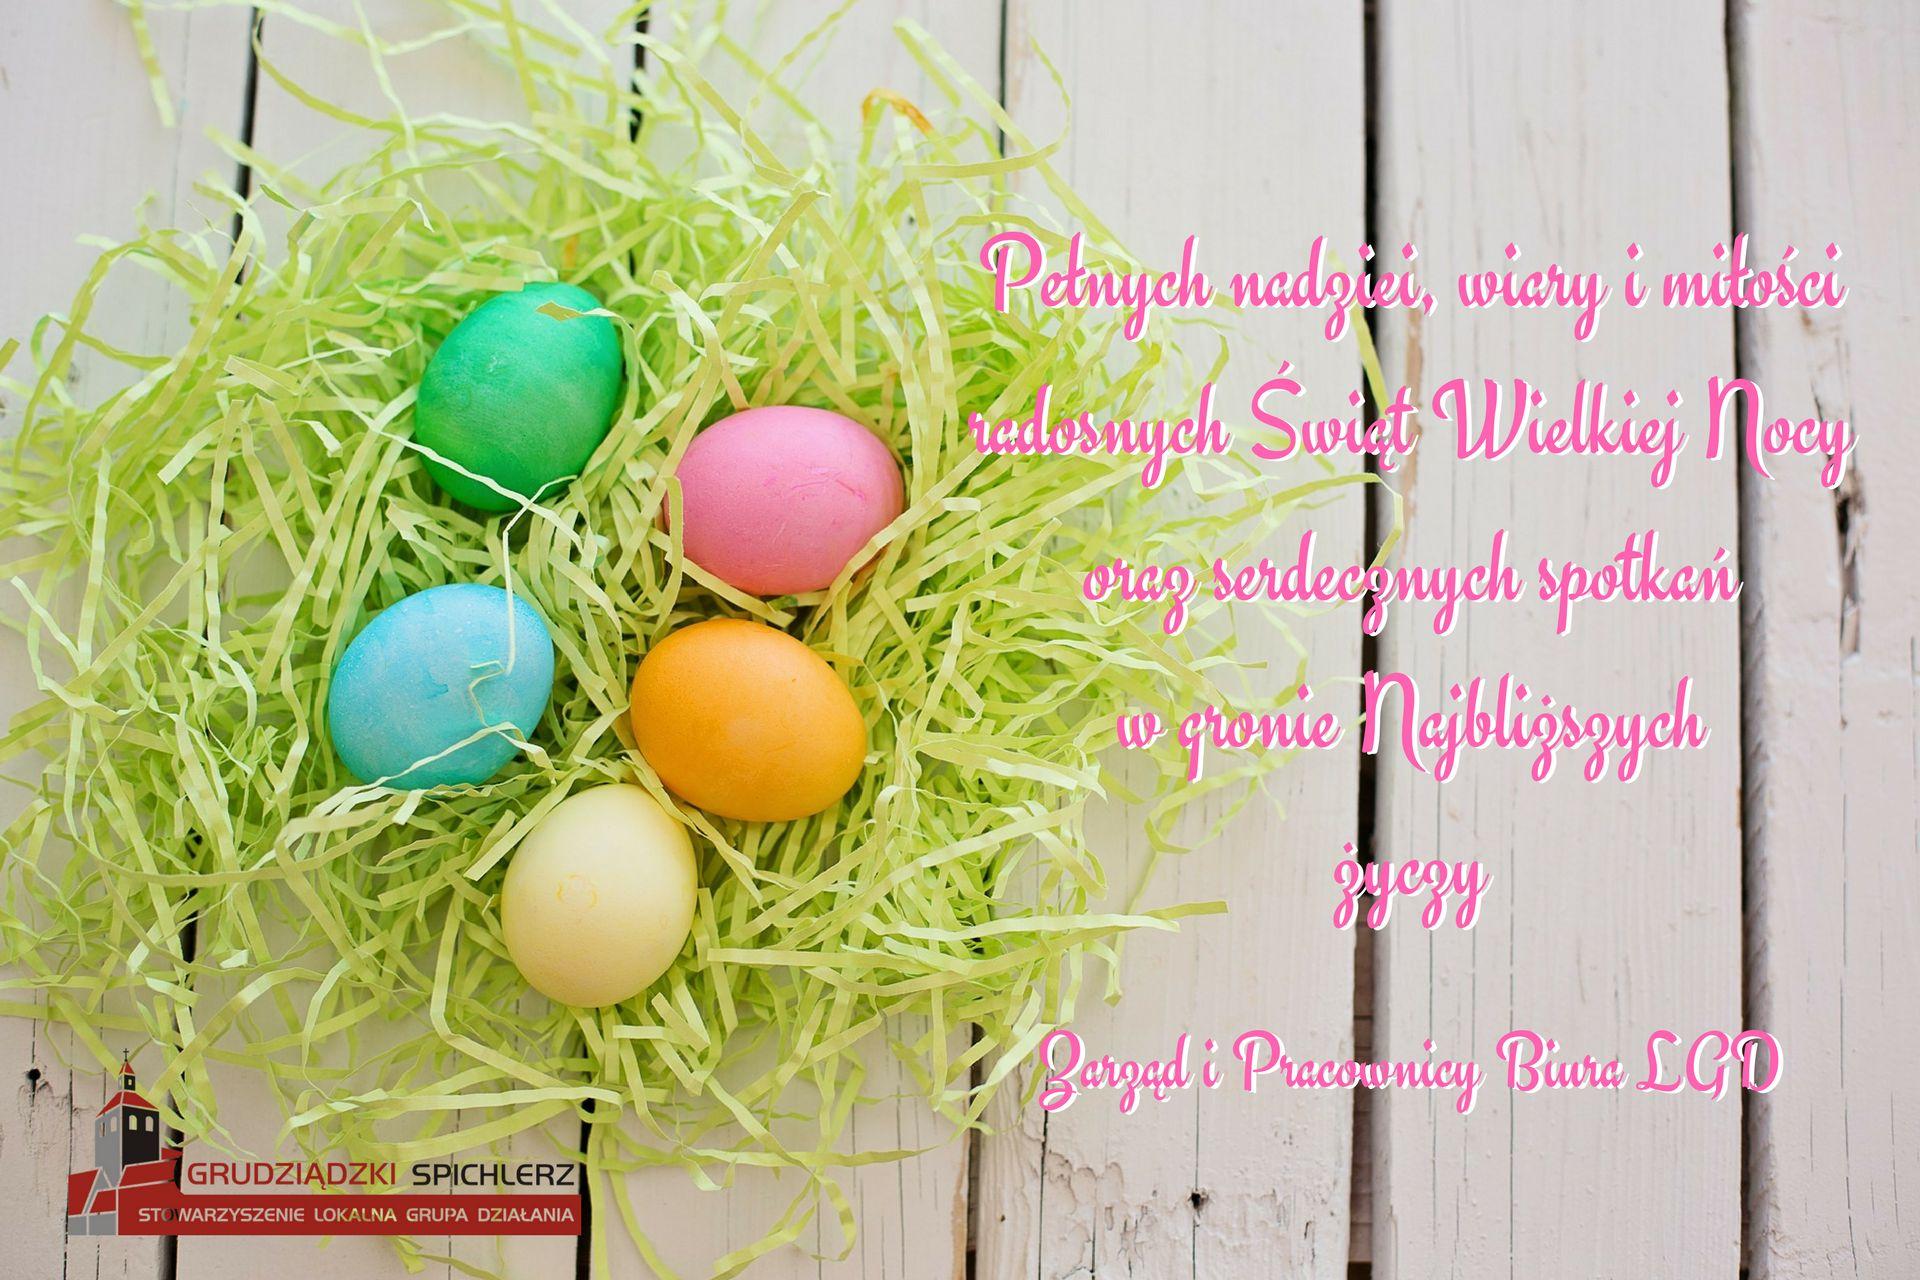 Życzenia Wielkanoc 2018 LGD